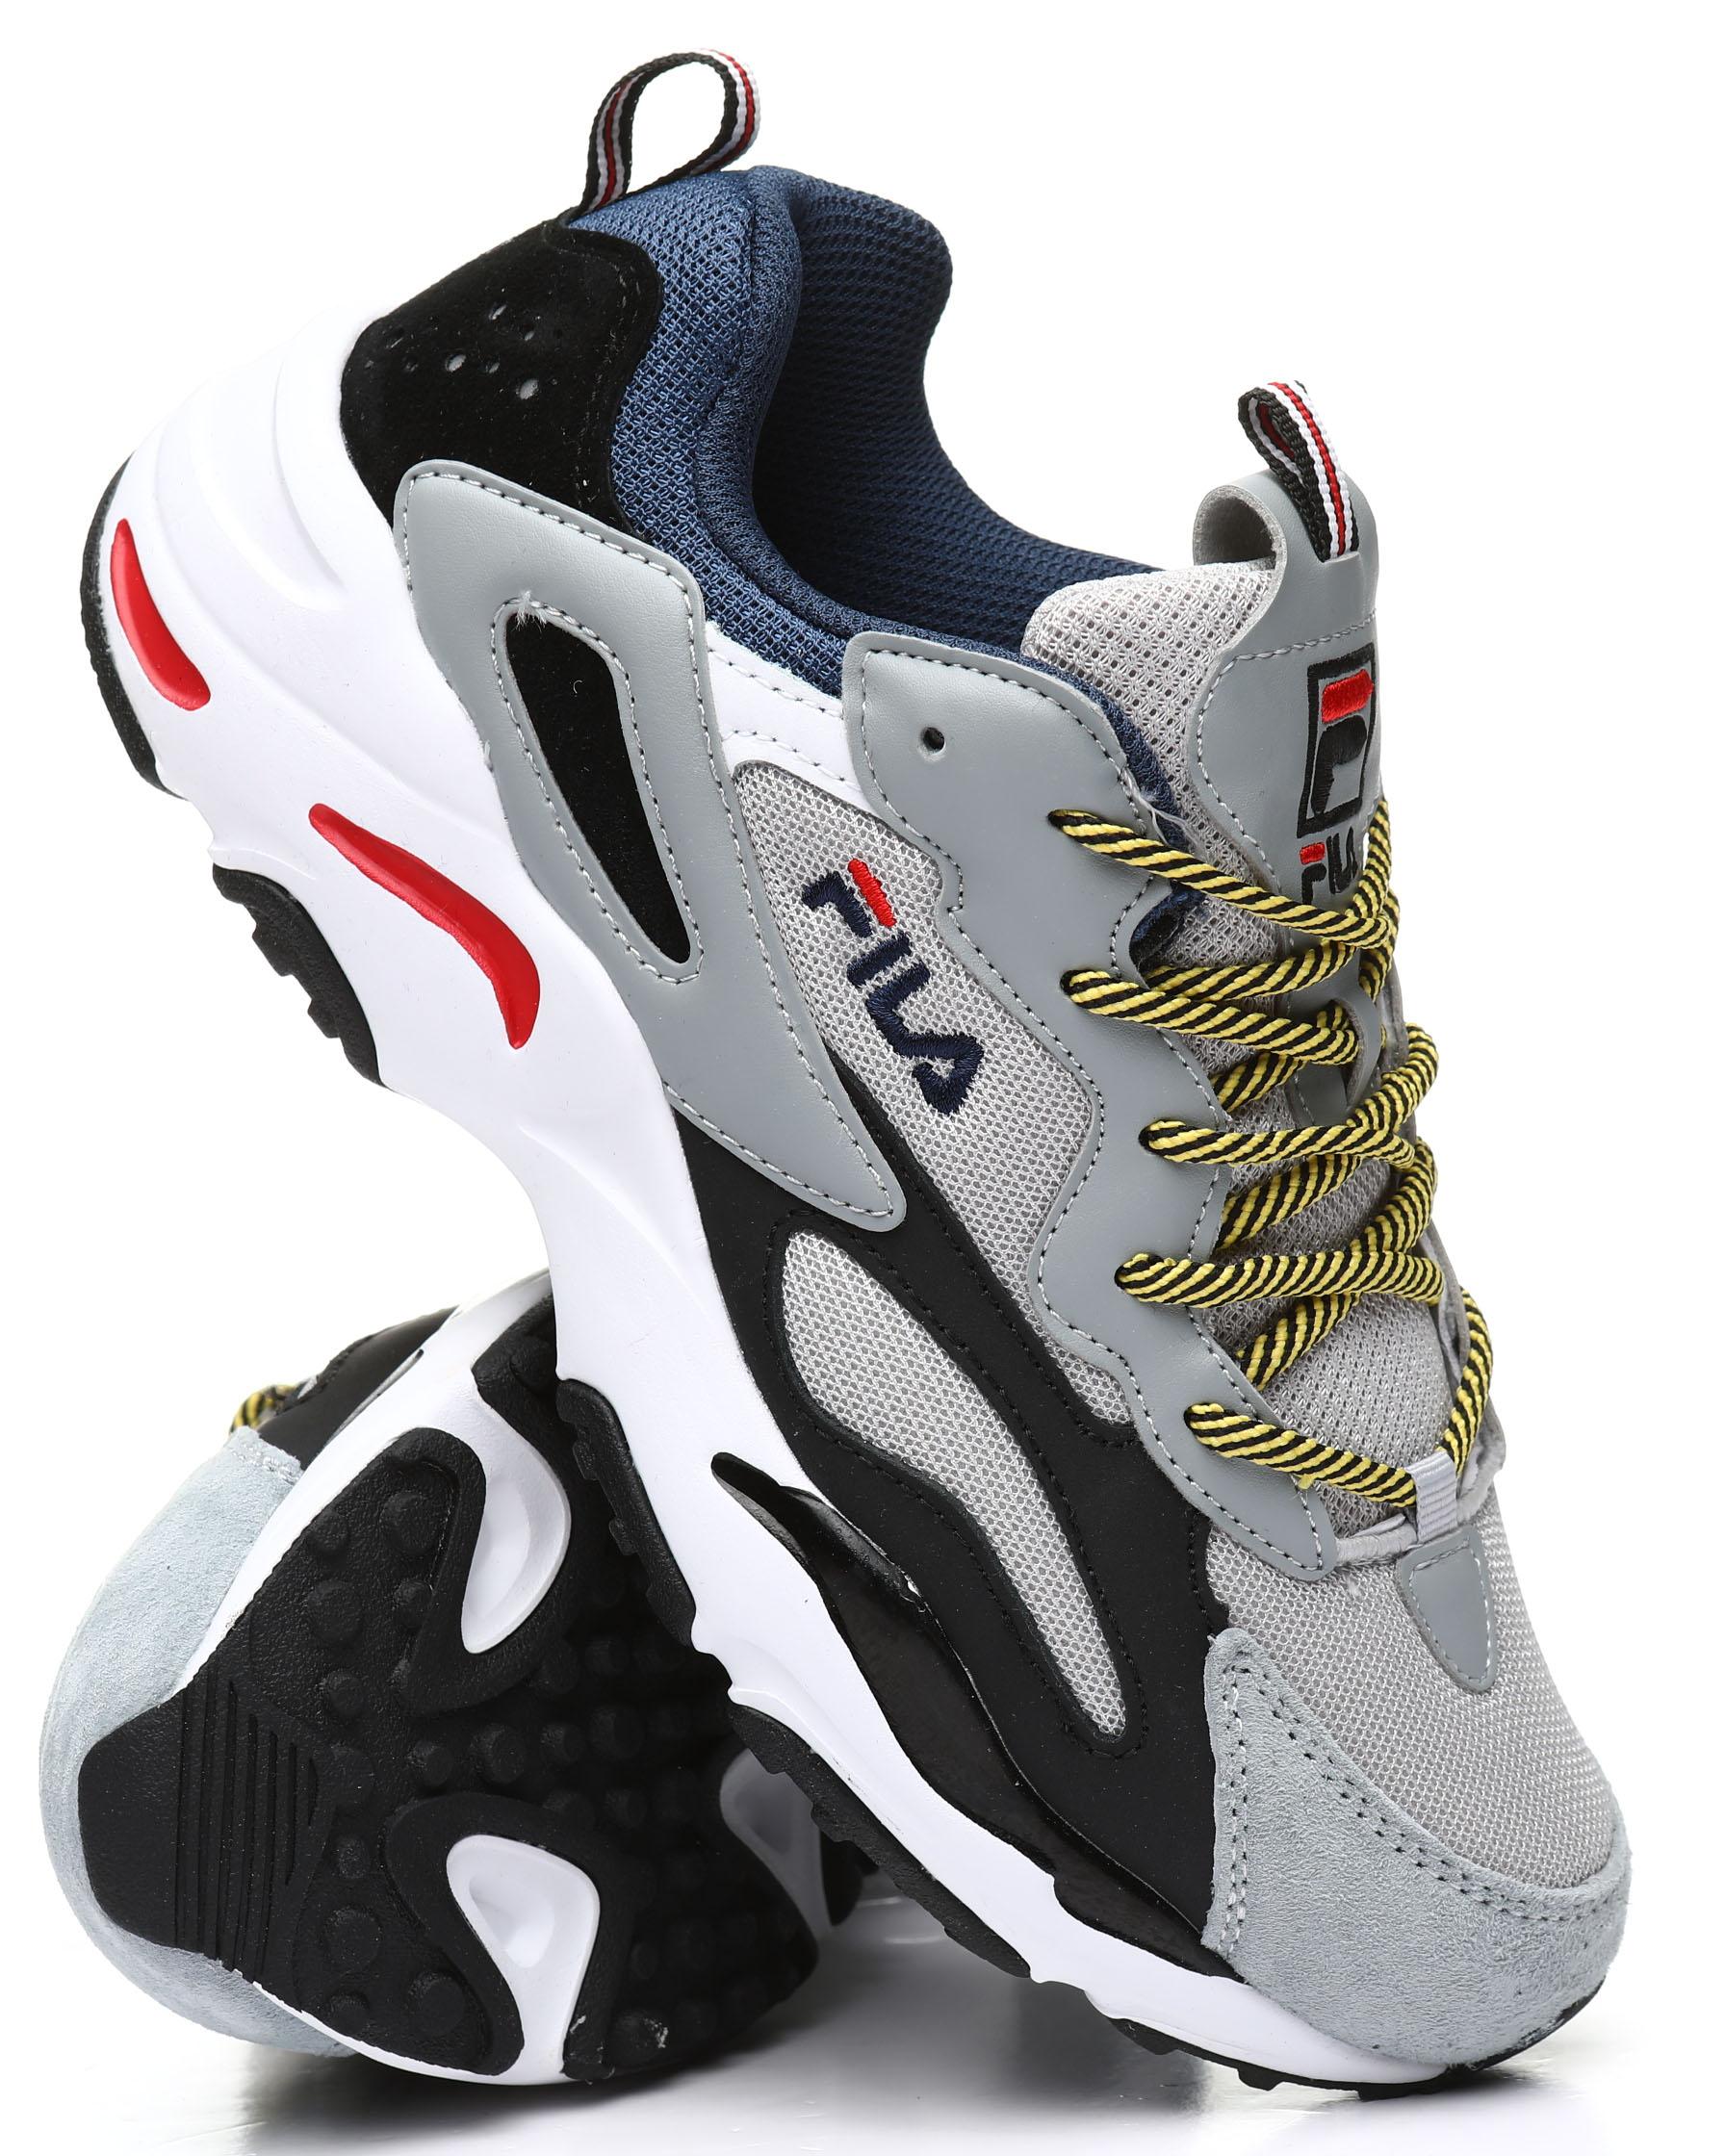 Buy Ray Tracer Sneakers Men's Footwear from Fila. Find Fila